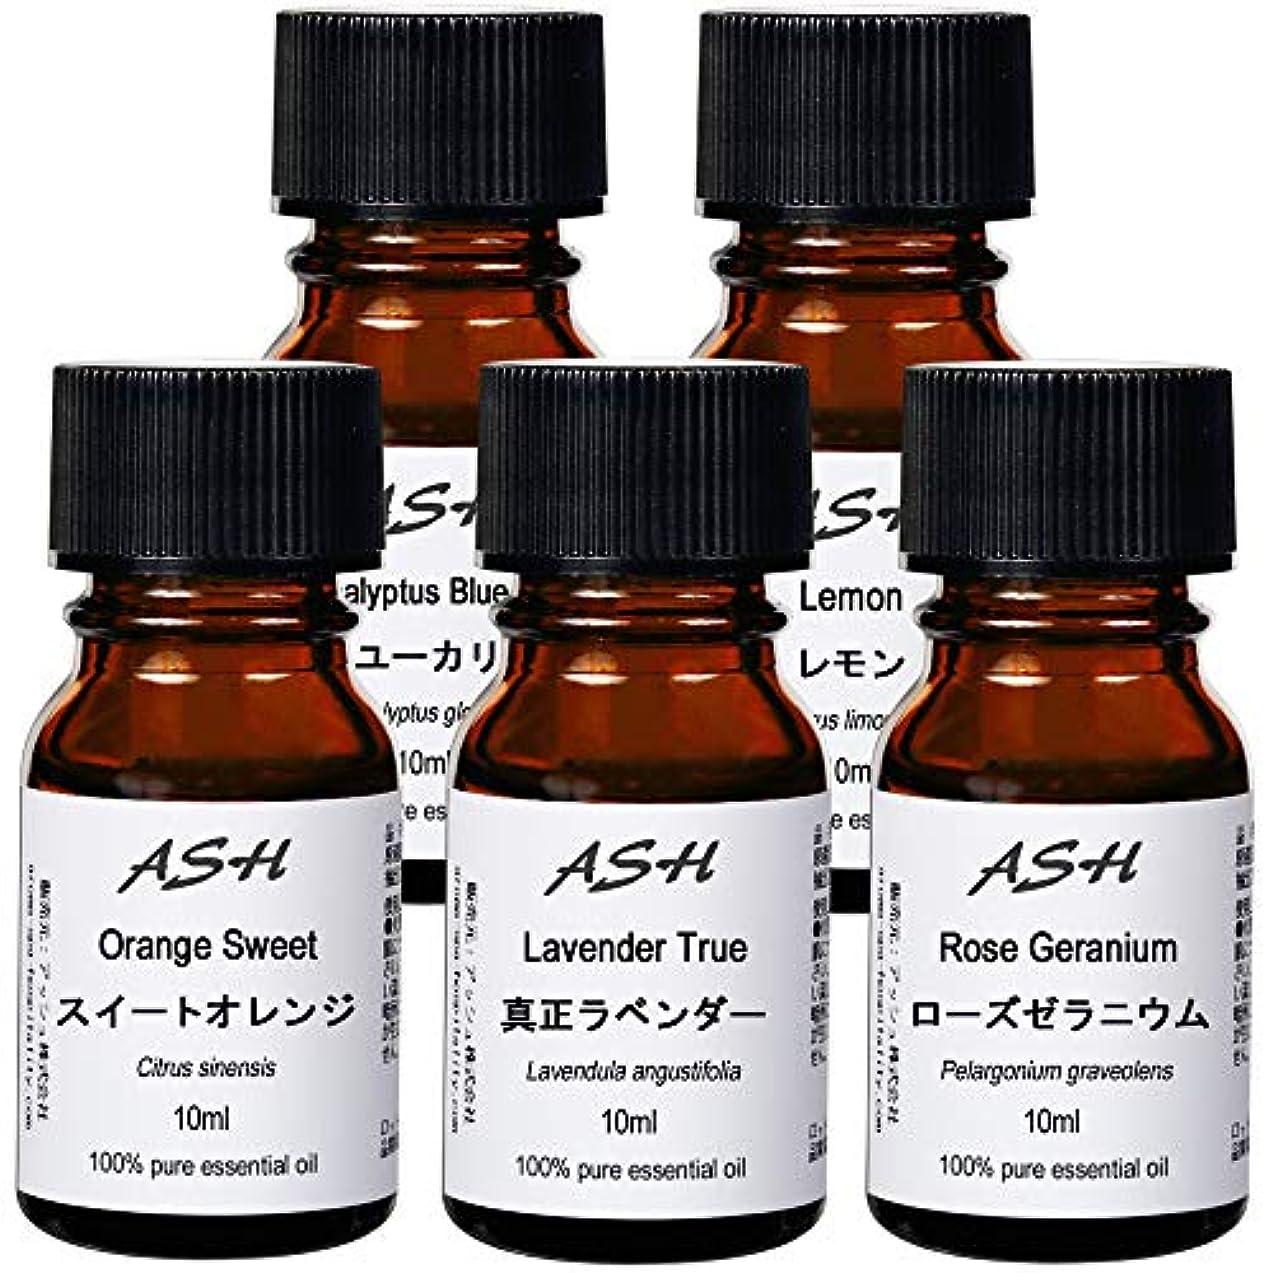 サンドイッチリズム早くASH エッセンシャルオイル A.お試し 10mlx5本セット (スイートオレンジ/ユーカリ/ラベンダー/レモン/ローズゼラニウム) AEAJ認定精油